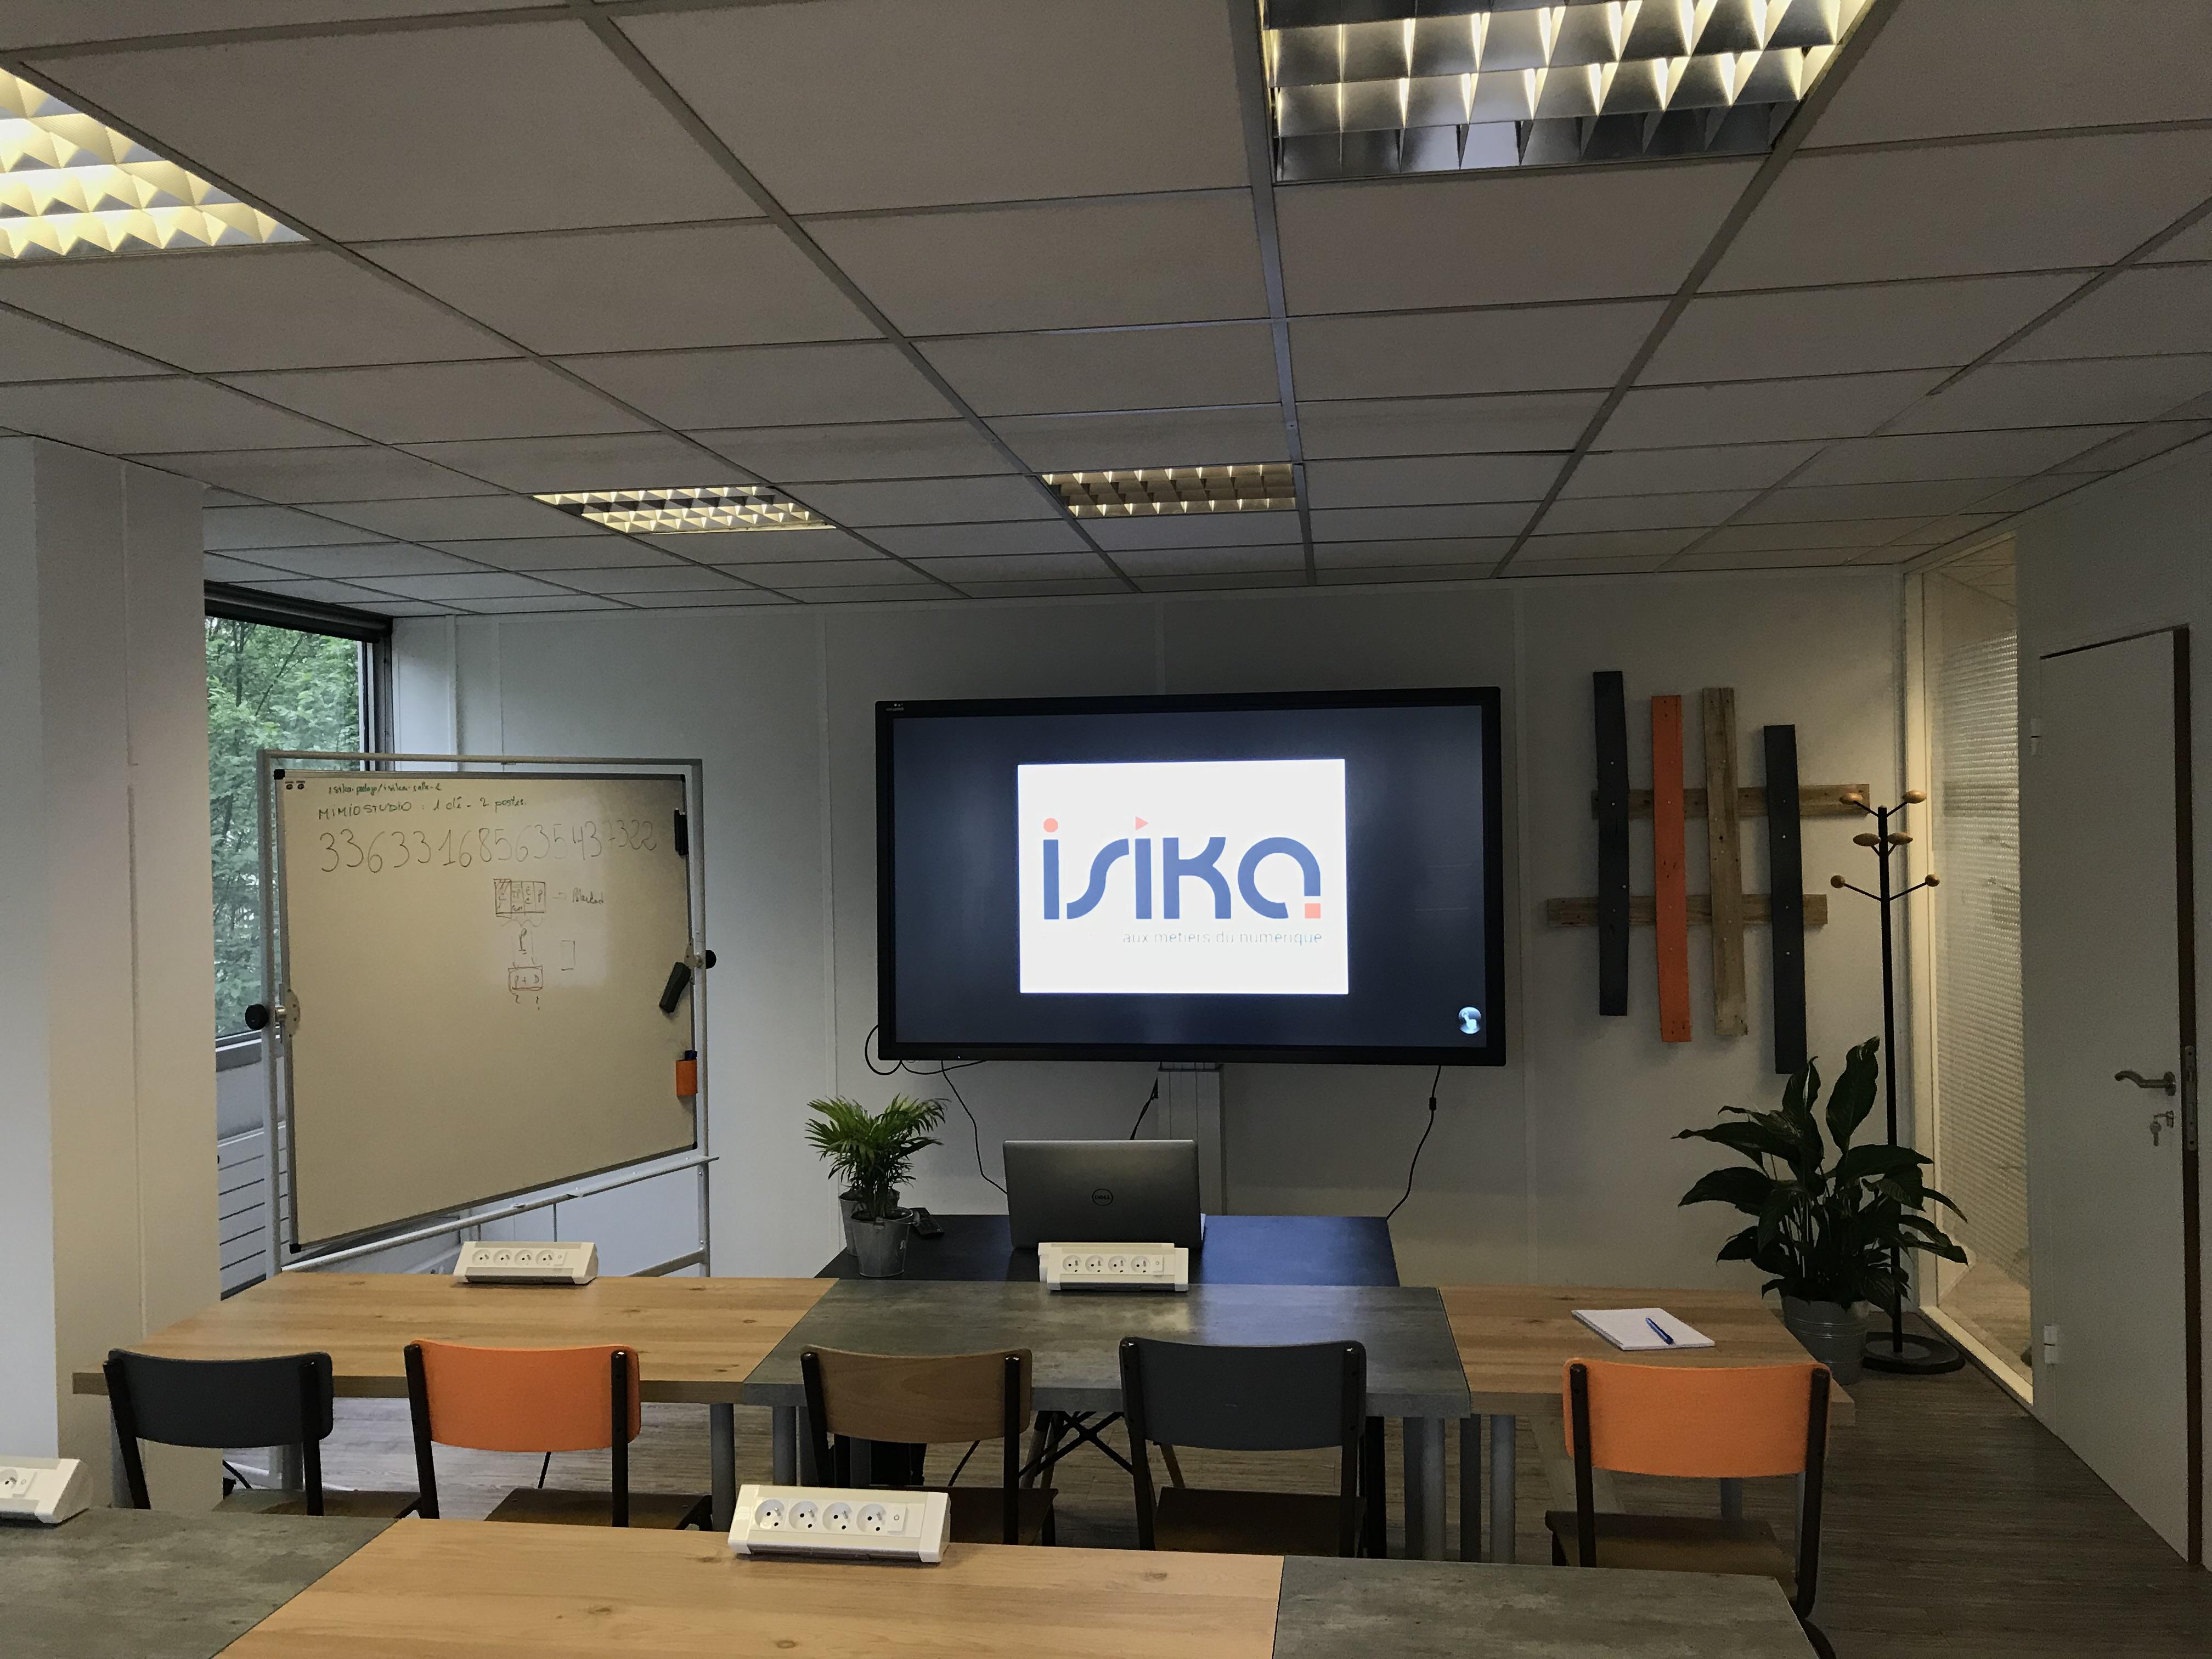 ecran interactif easypitch dans une salle de formation professionnelle isika